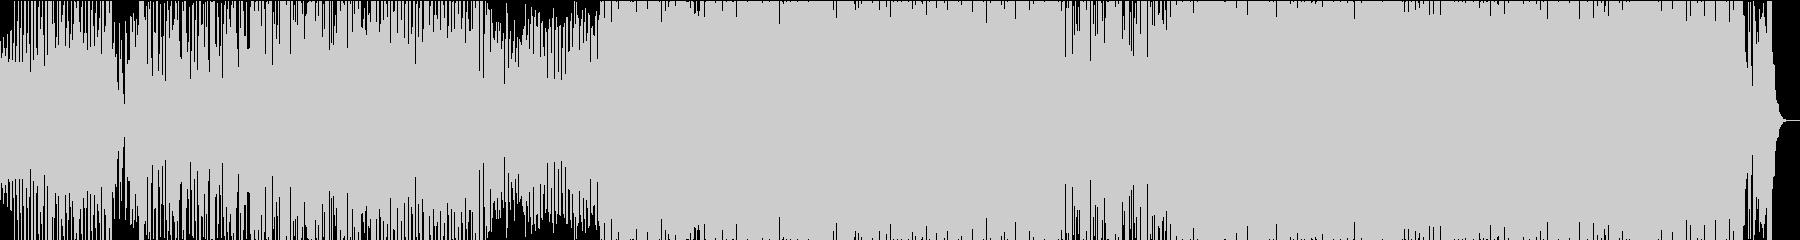 宇宙船をイメージしたEDMの未再生の波形